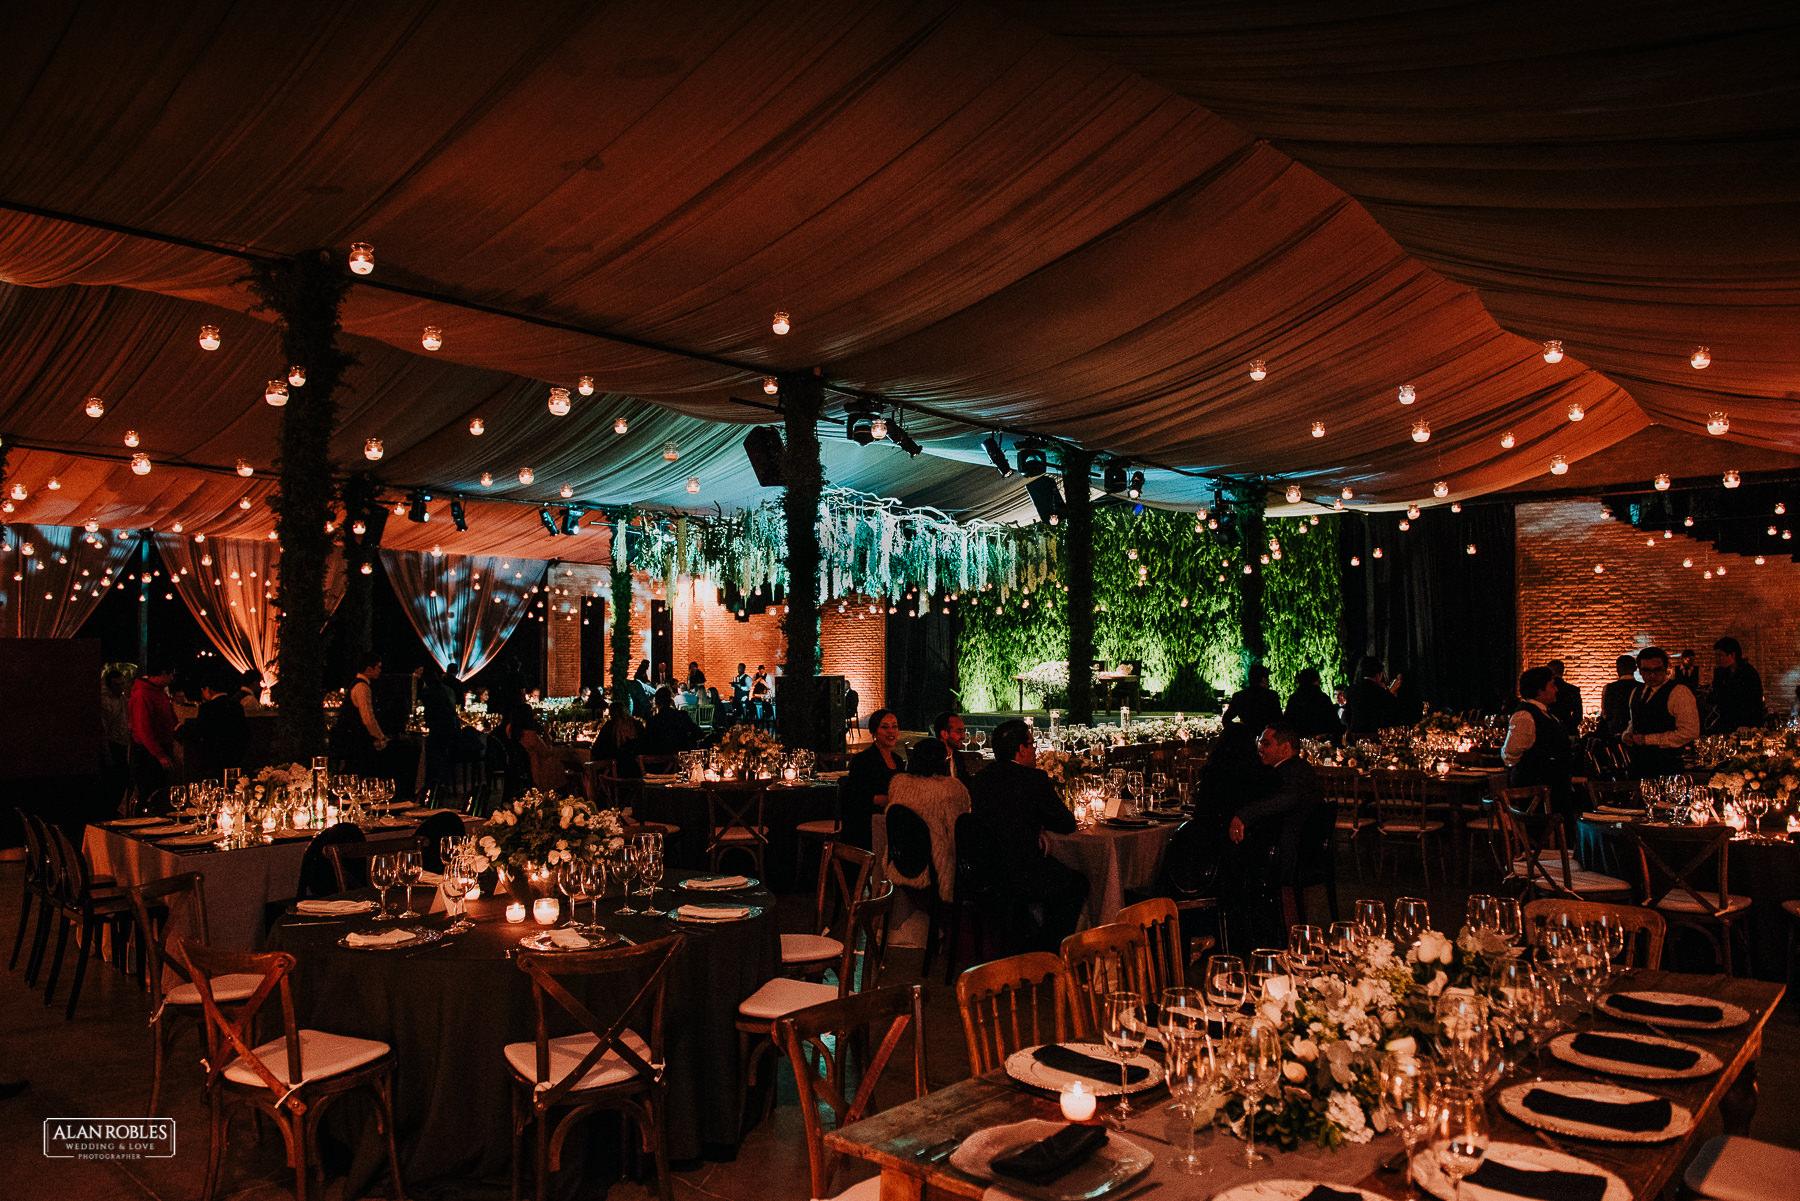 Fotografo de bodas Alan Robles-Casa Clementina Guadalajara DyA-53